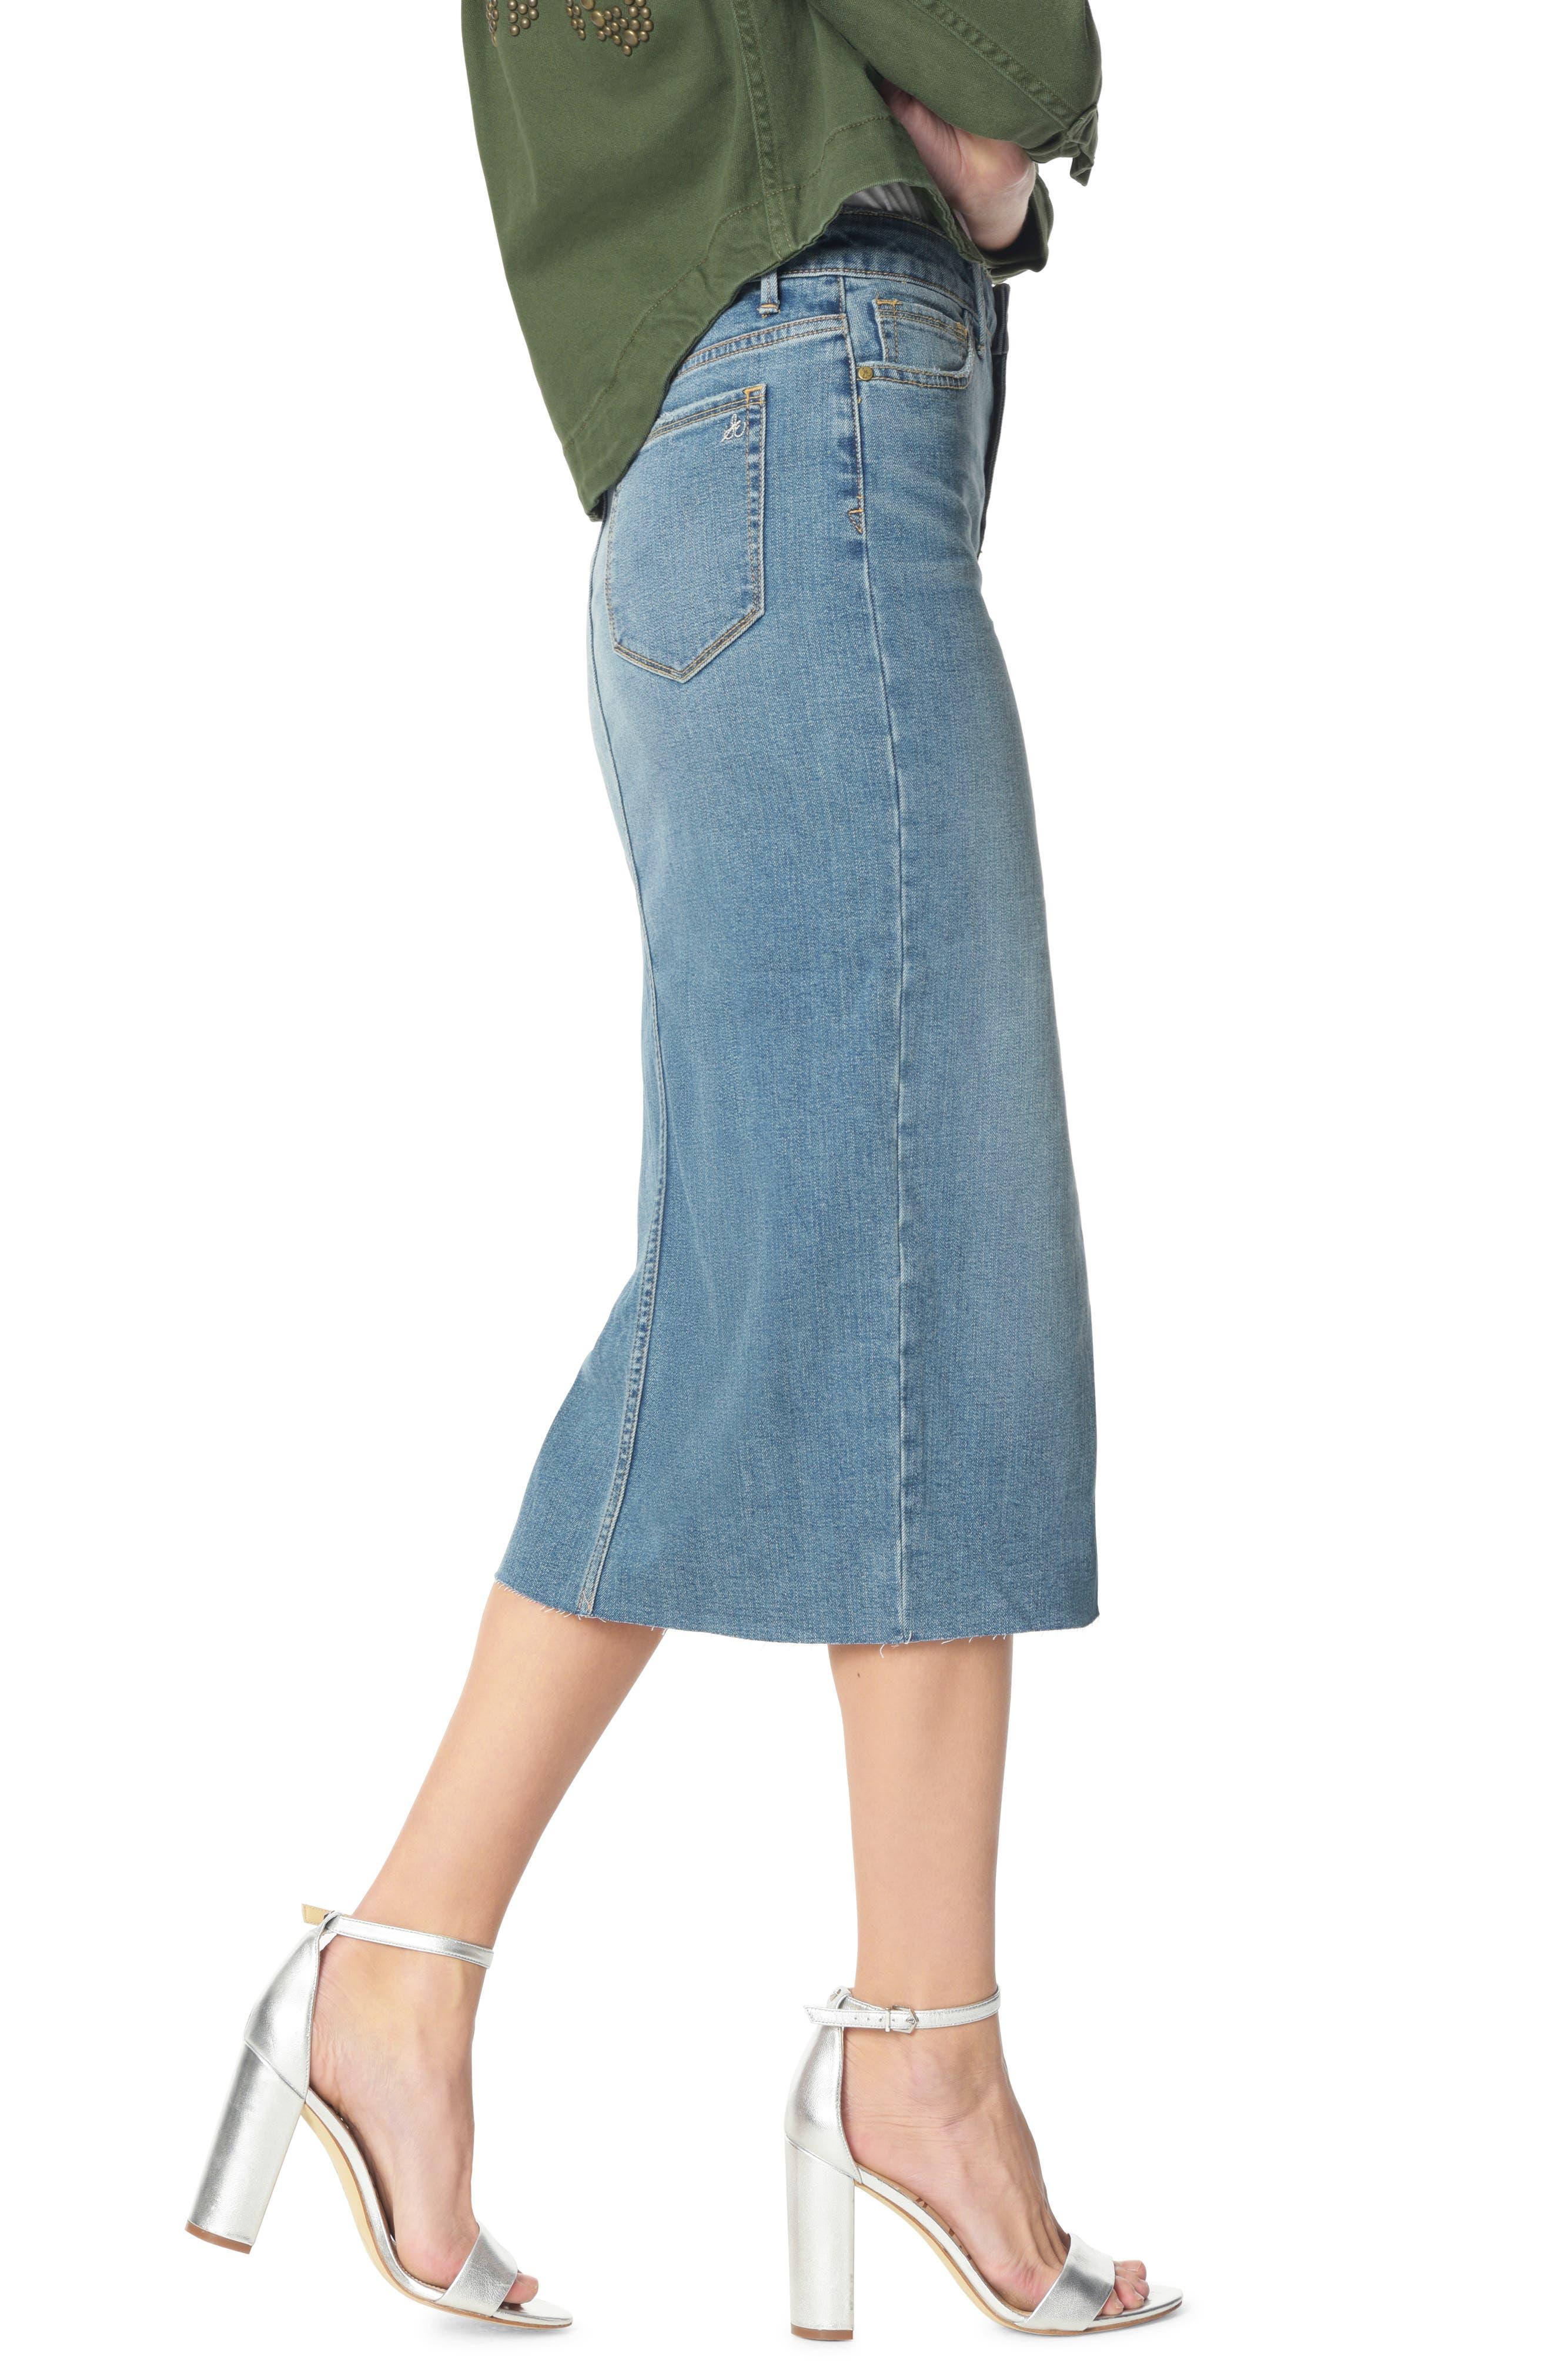 SAM EDELMAN, The Maribelle Mid Rise Denim Skirt, Alternate thumbnail 3, color, 421